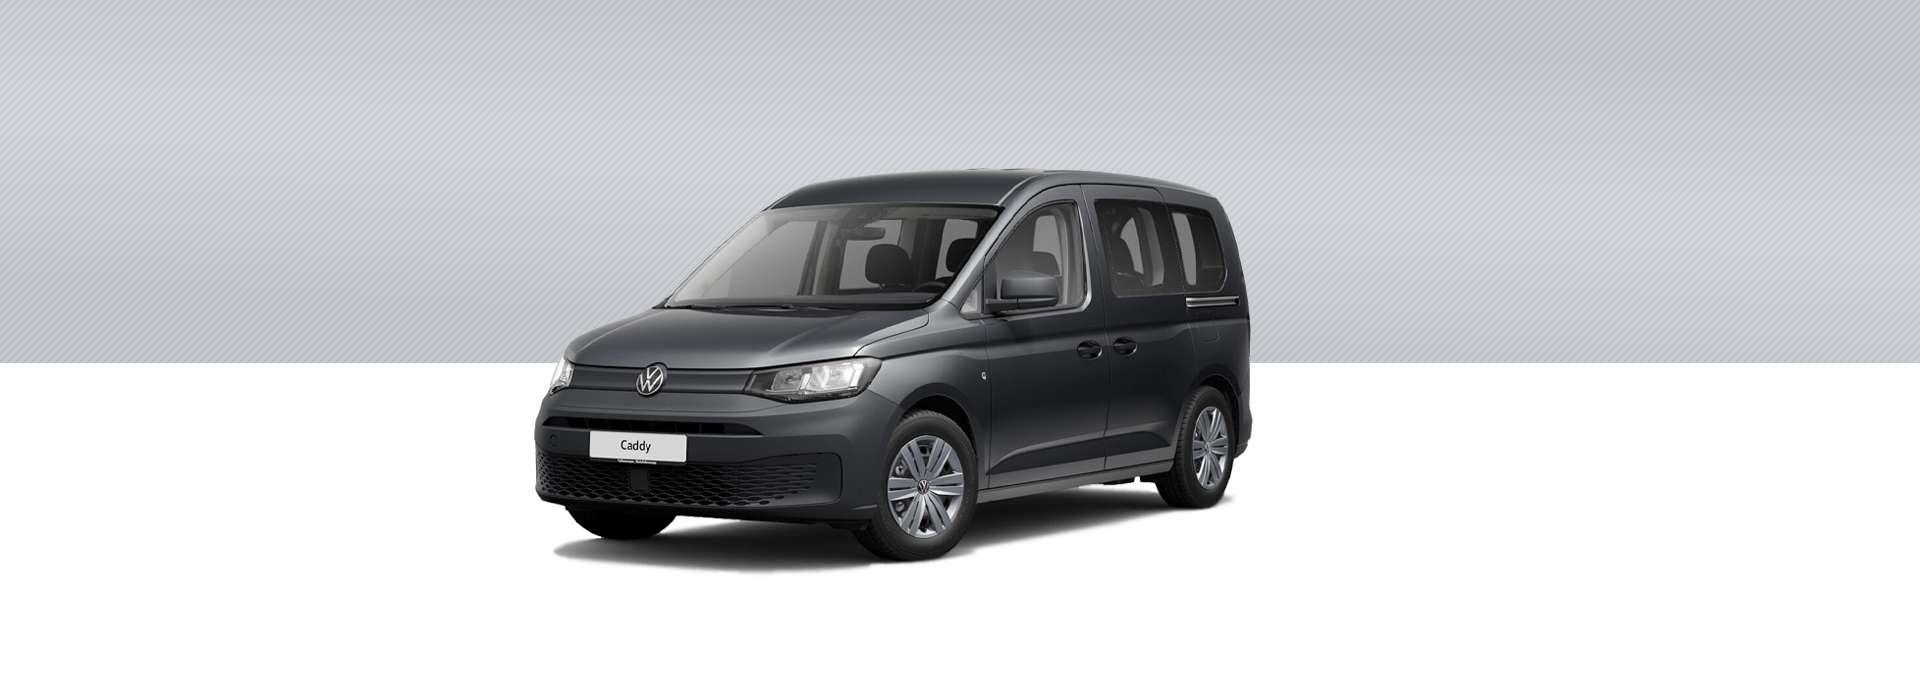 Volkswagen Nuevo Caddy Kombi